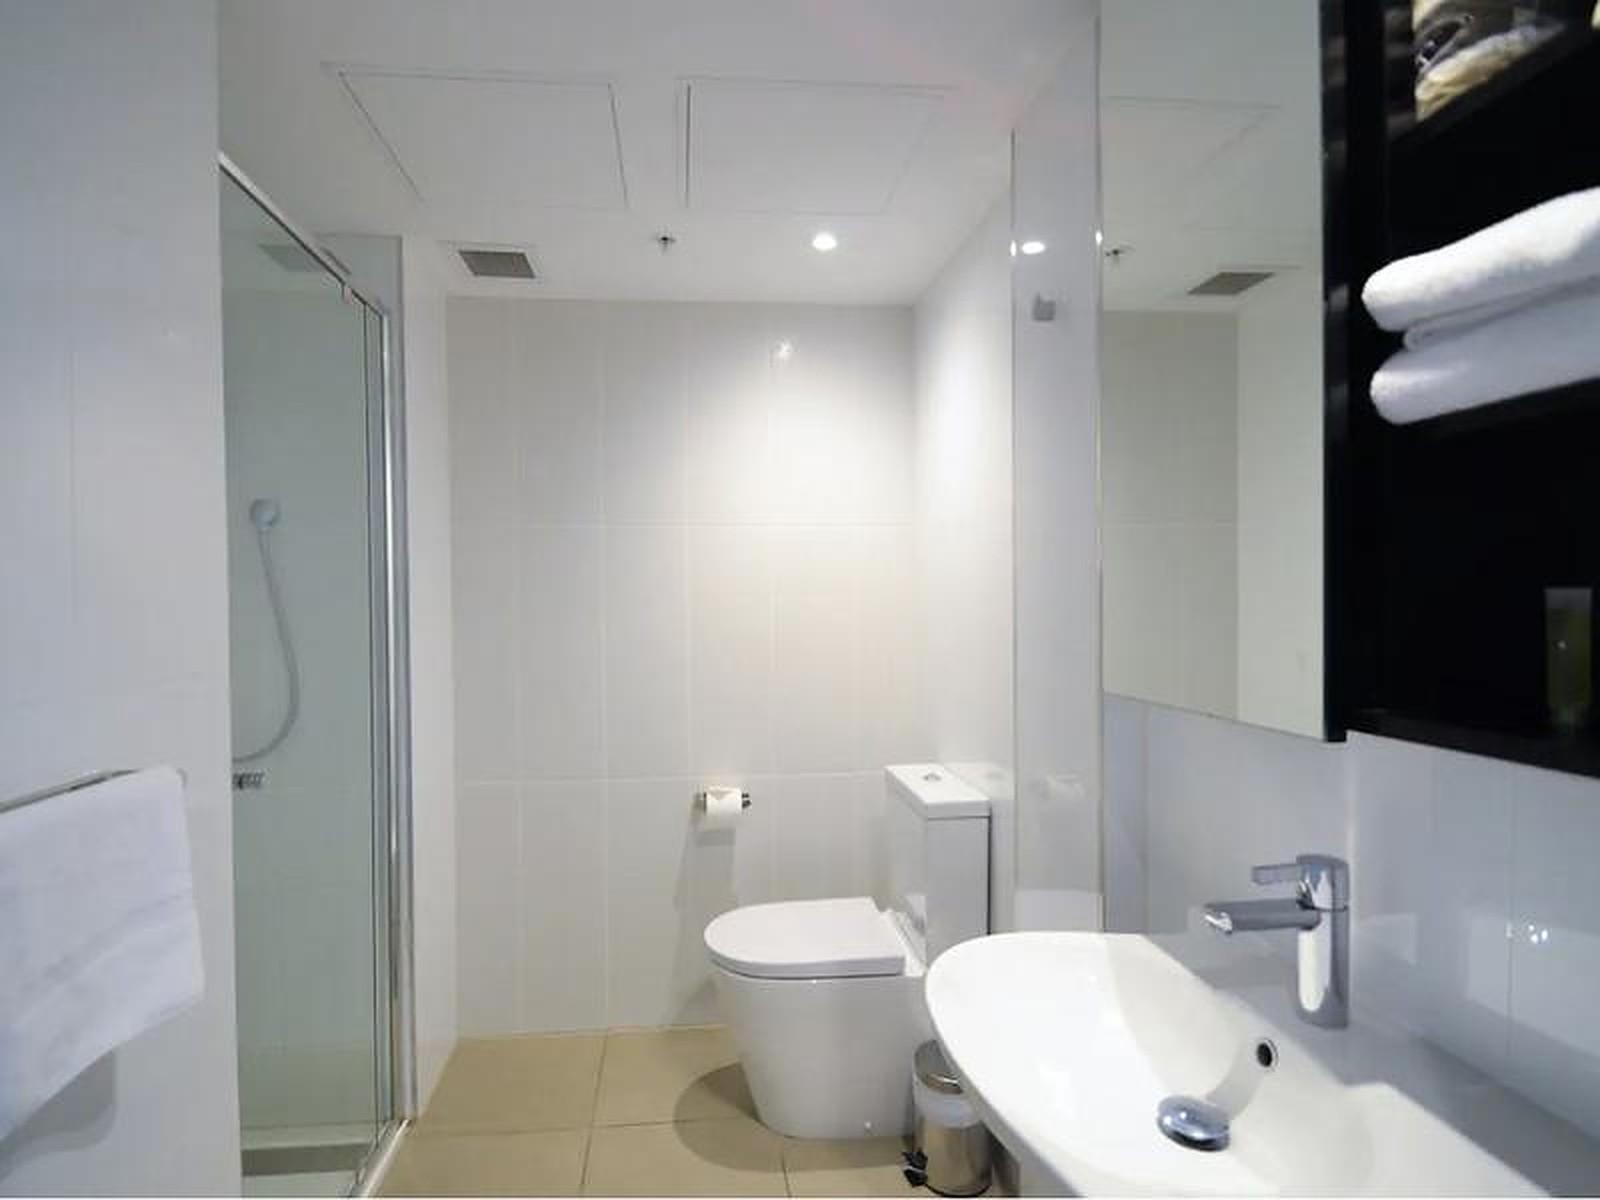 Ferienwohnung Docklands Waterfront 1006PR 2 Bett Free Wifi (2781427), Melbourne, , Victoria, Australien, Bild 18